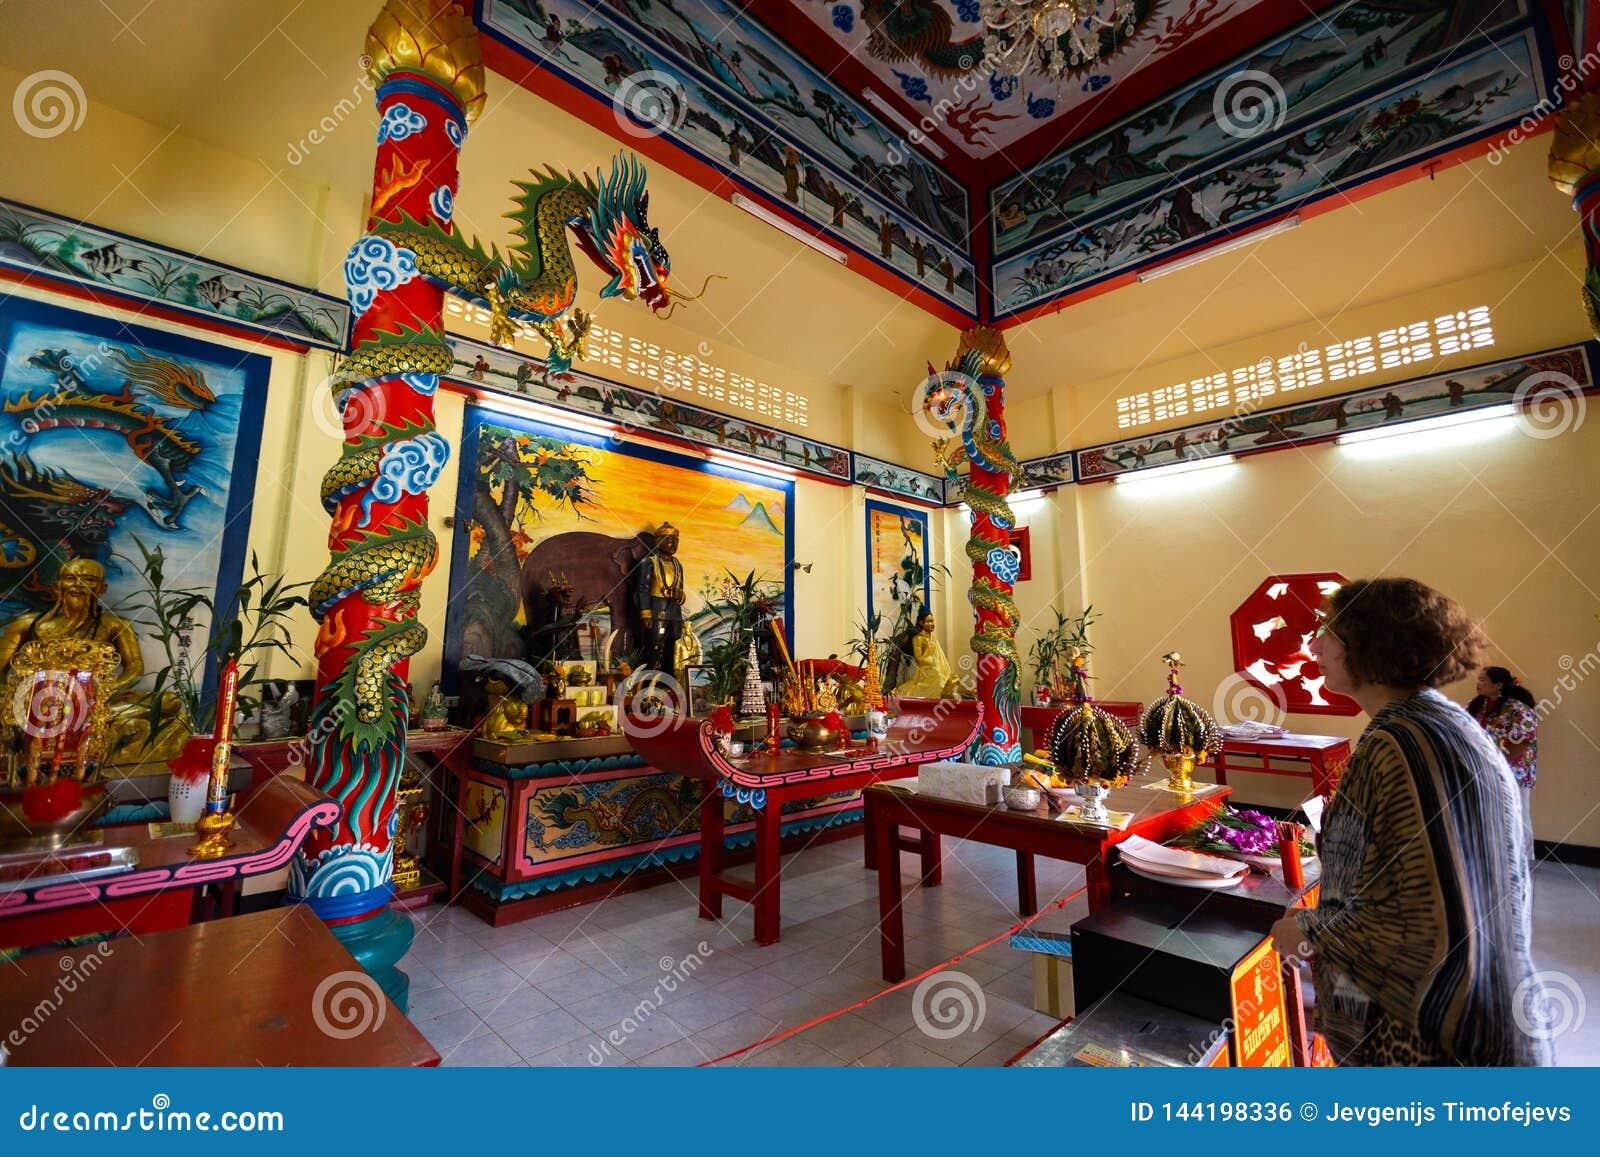 KNOCK-OUT CHANG, TAILANDIA - 10 DE ABRIL DE 2018: Templo chino del buddist en el área del norte de la isla - jeroglíficos y model